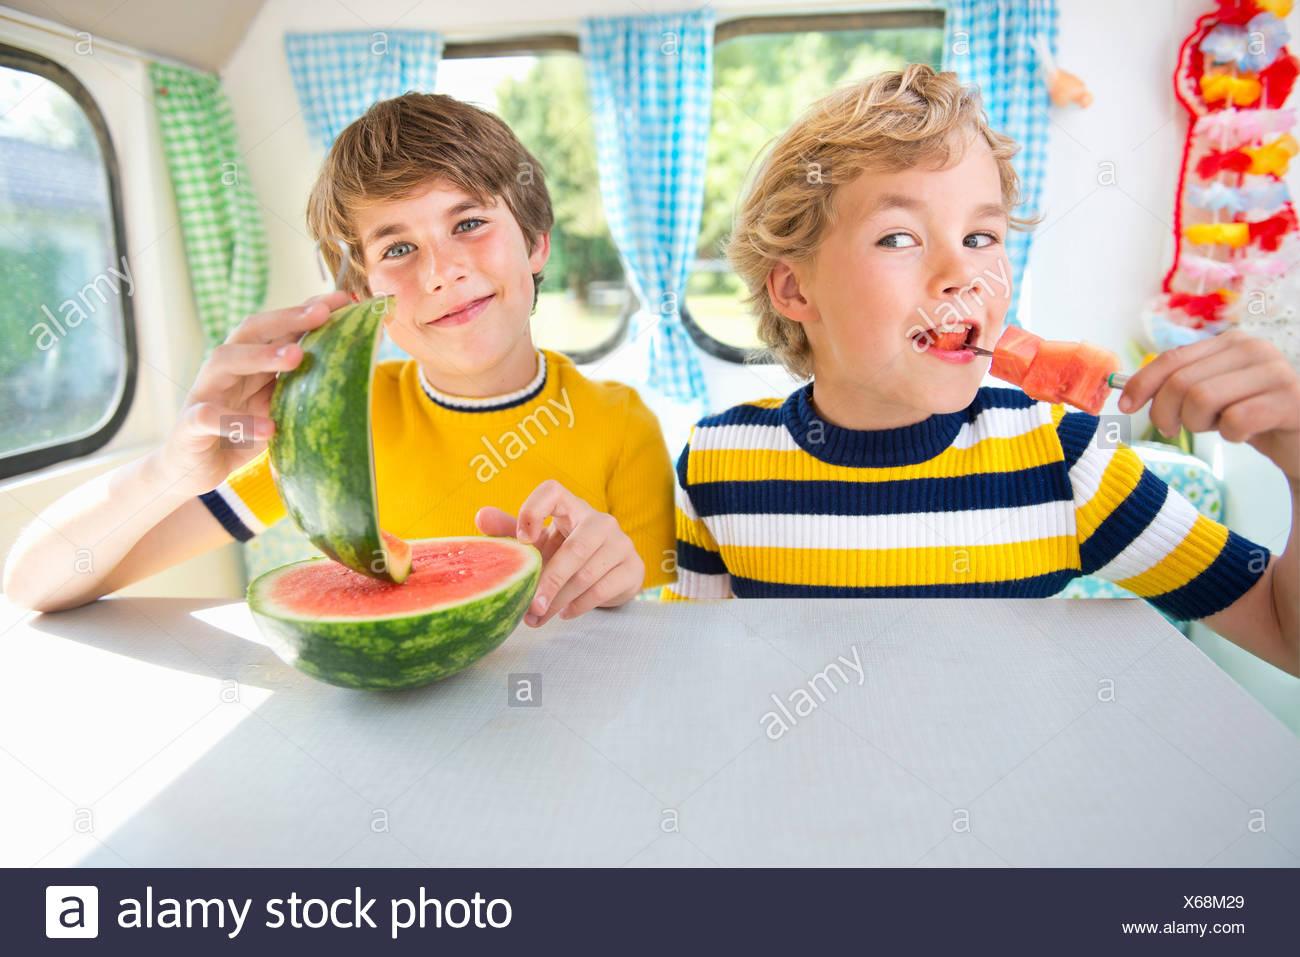 Les garçons eating watermelon en caravane, portrait Photo Stock